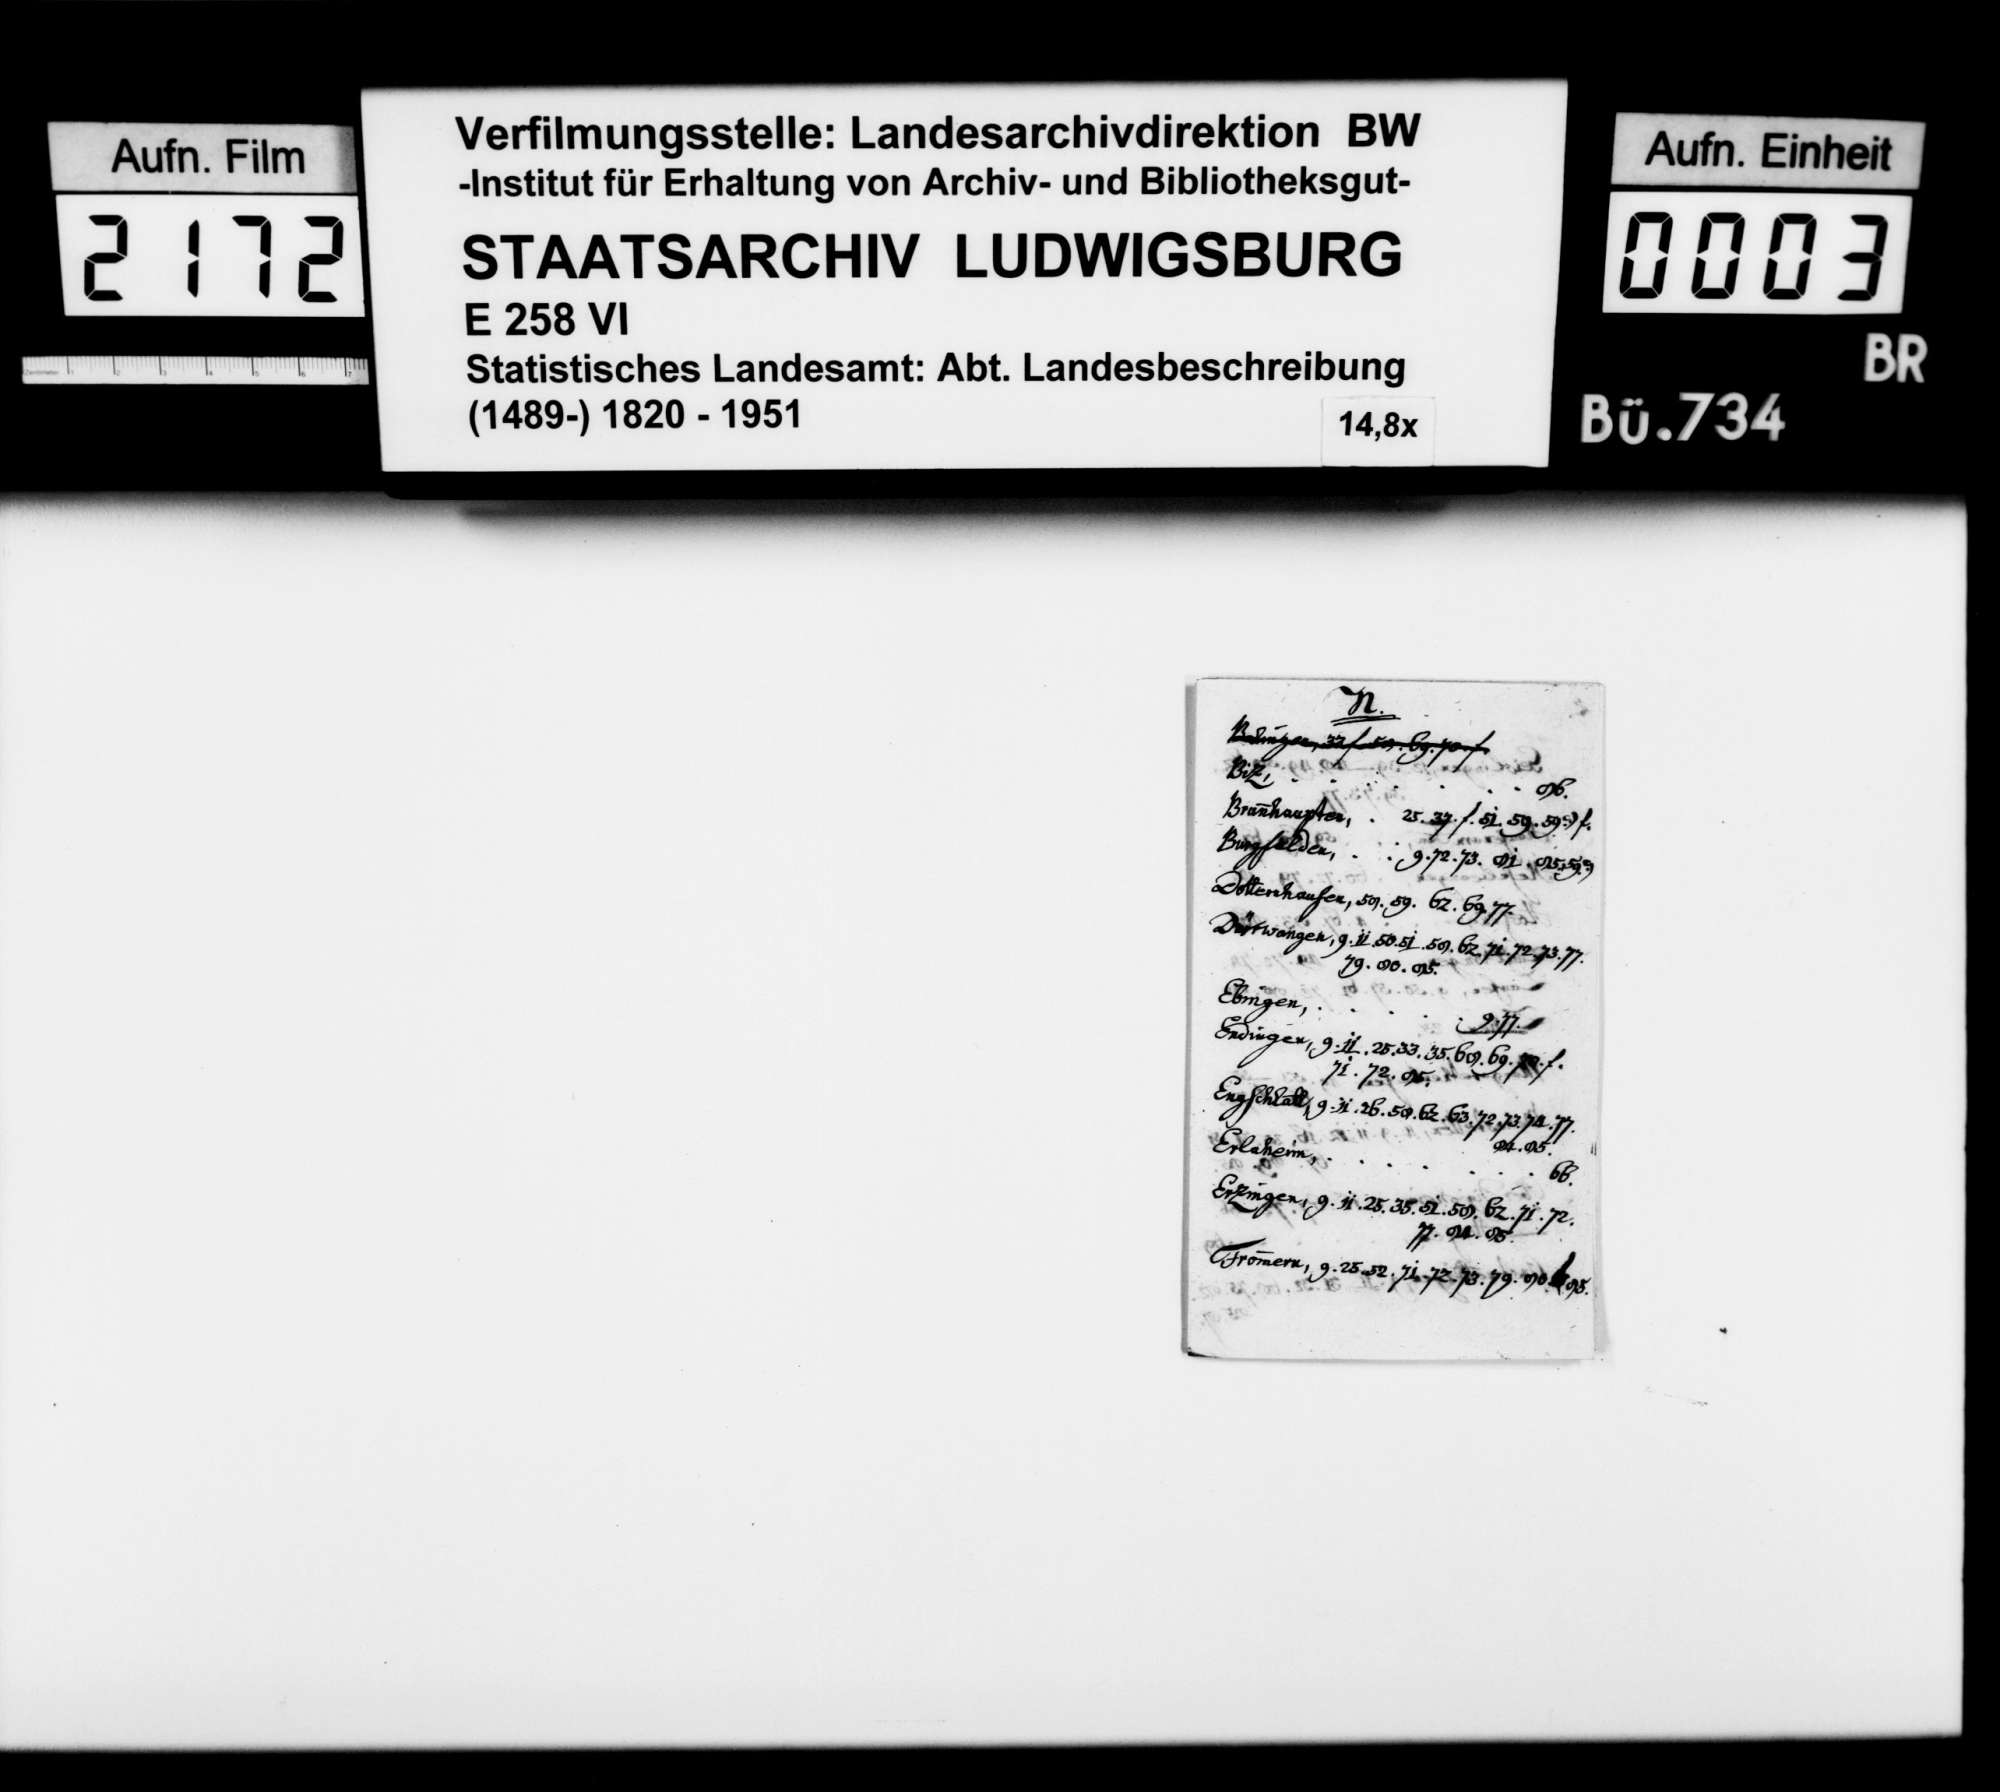 Amts- und Intelligenzblatt für den Oberamtsbezirk Balingen, Nr. 19, 21, 23 und 24 vom 5.-22. März 1864 sowie abschriftlich Nr. 25: Der große Stadtbrand in Balingen 1809, Bild 2